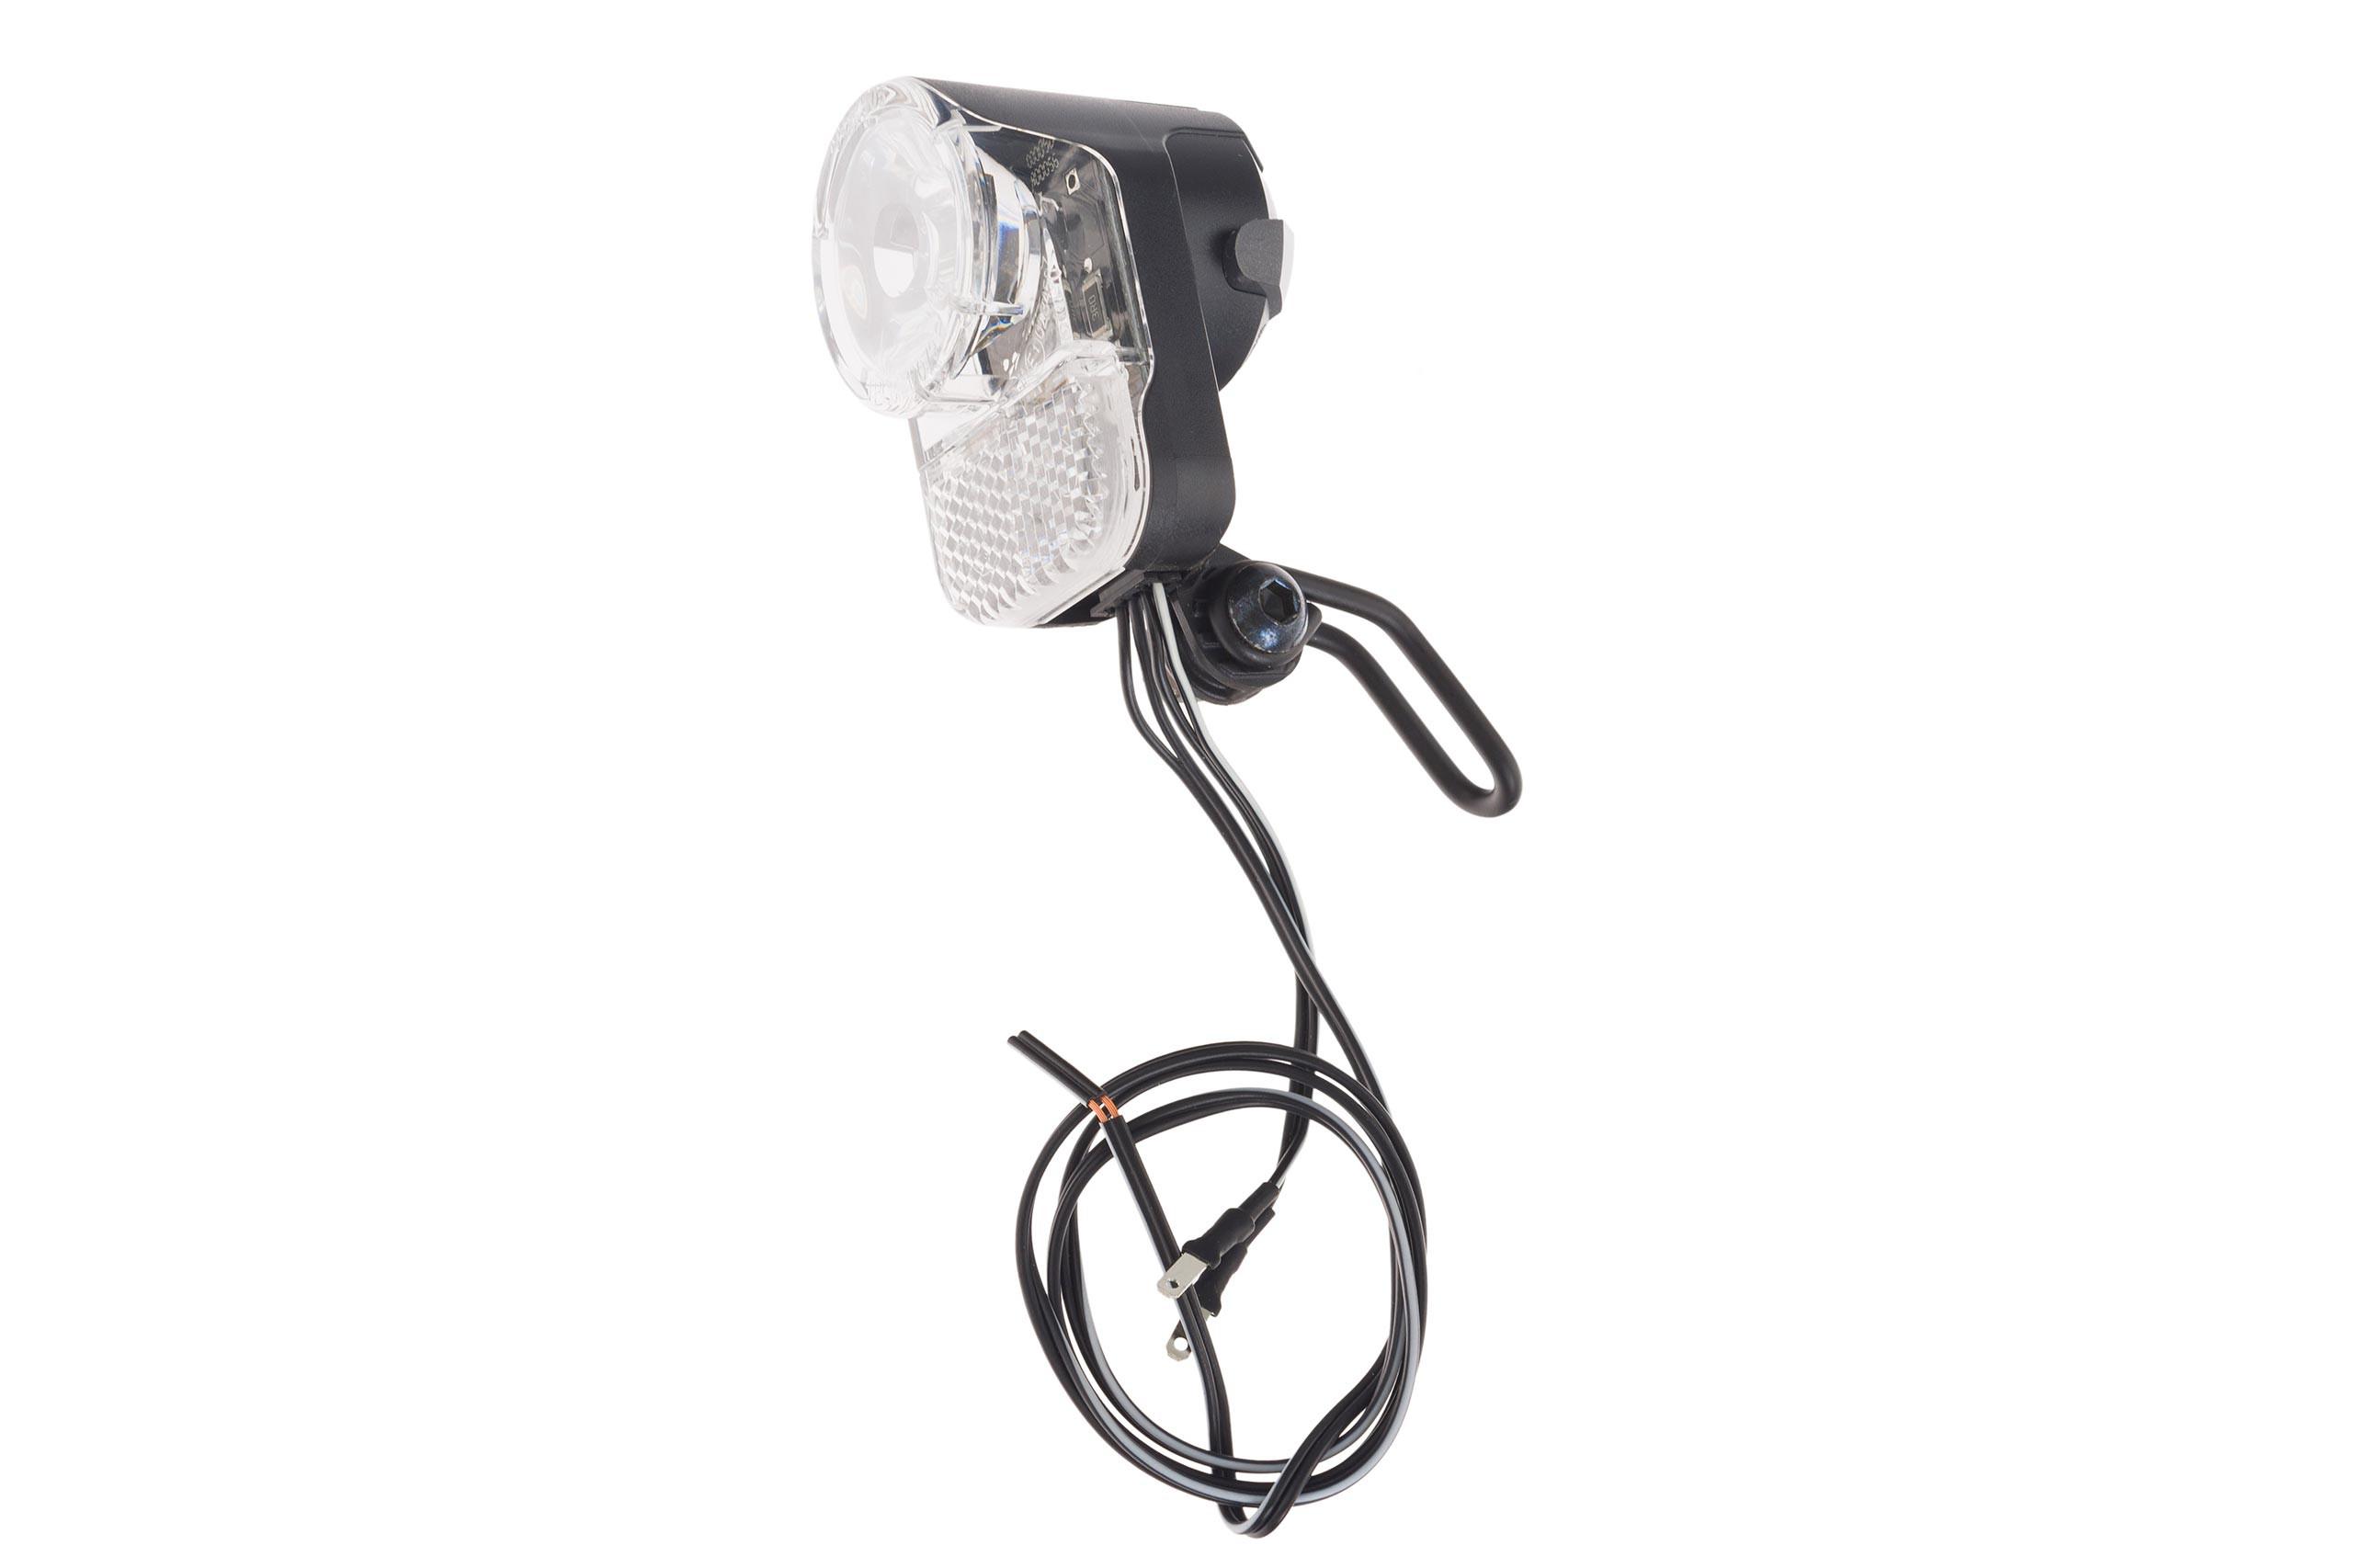 Lampa przednia /dynamo/ AXA SWITCH Pico 30 z wyłącznikiem